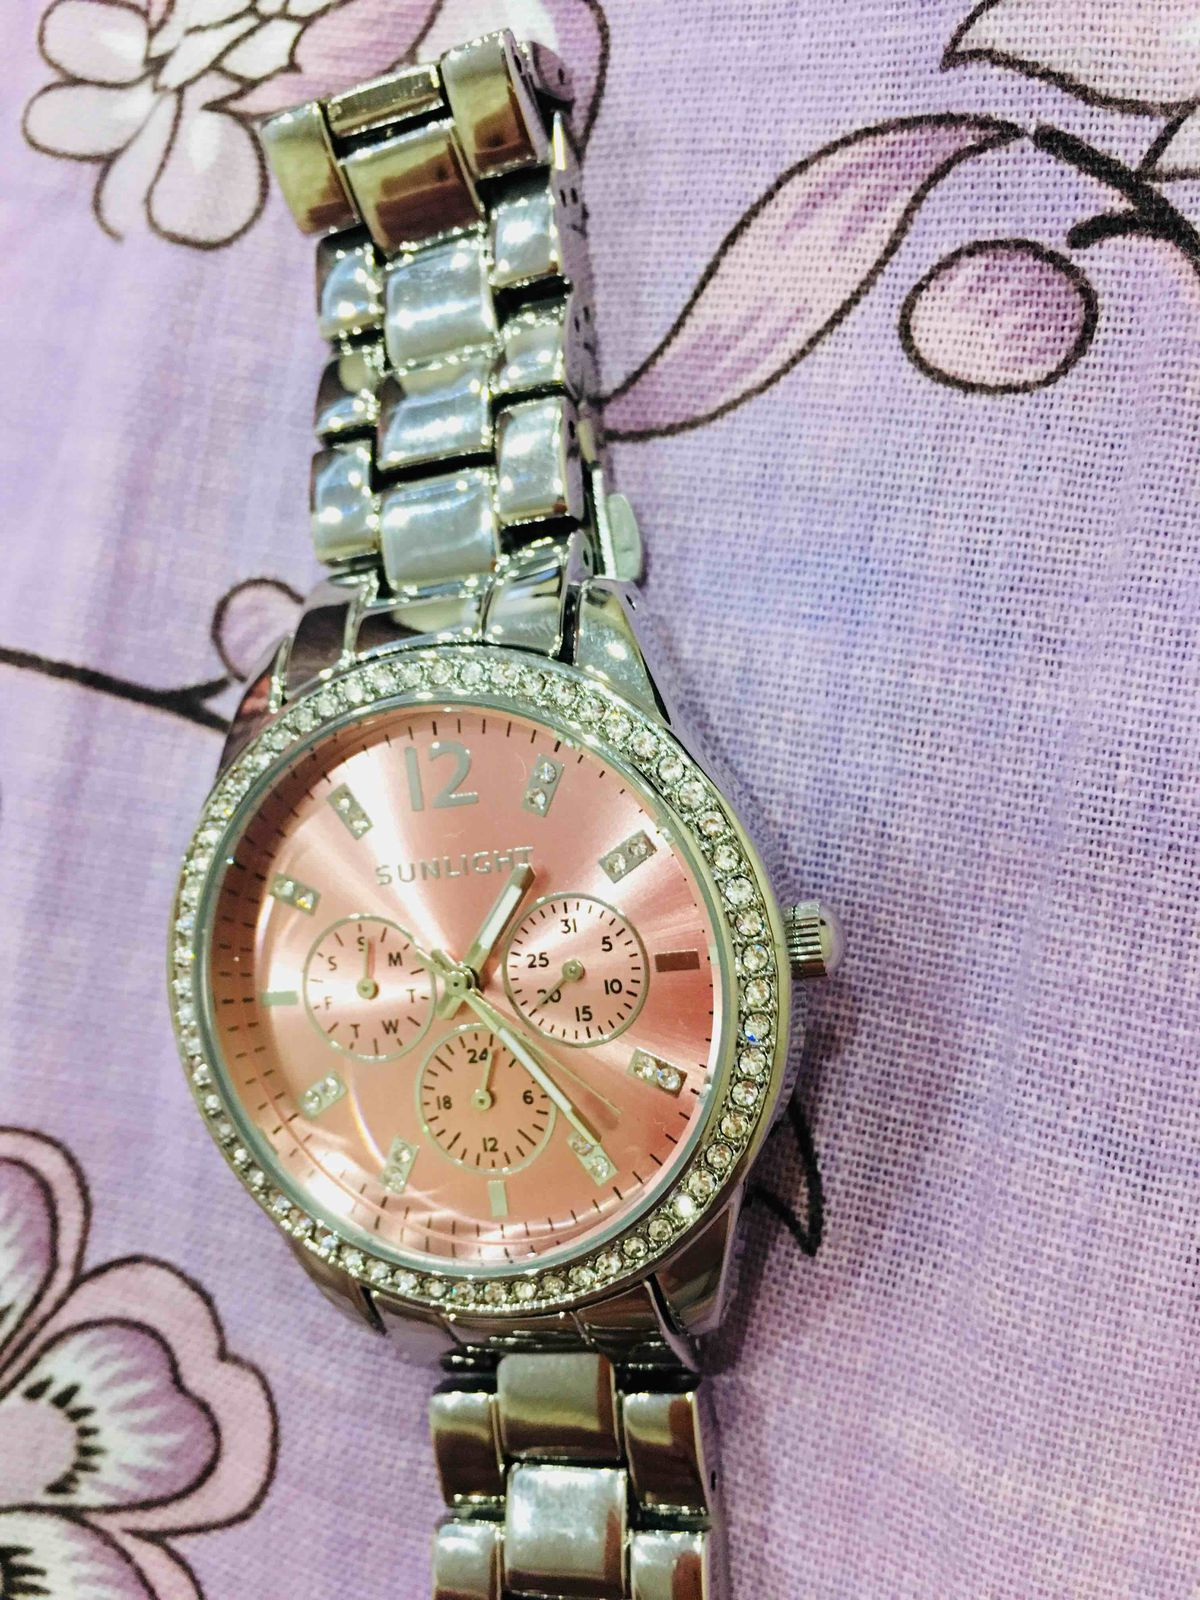 Всем рекомендую))))) отлично обслужили, сделали скидку, отличные часы!!!!!!